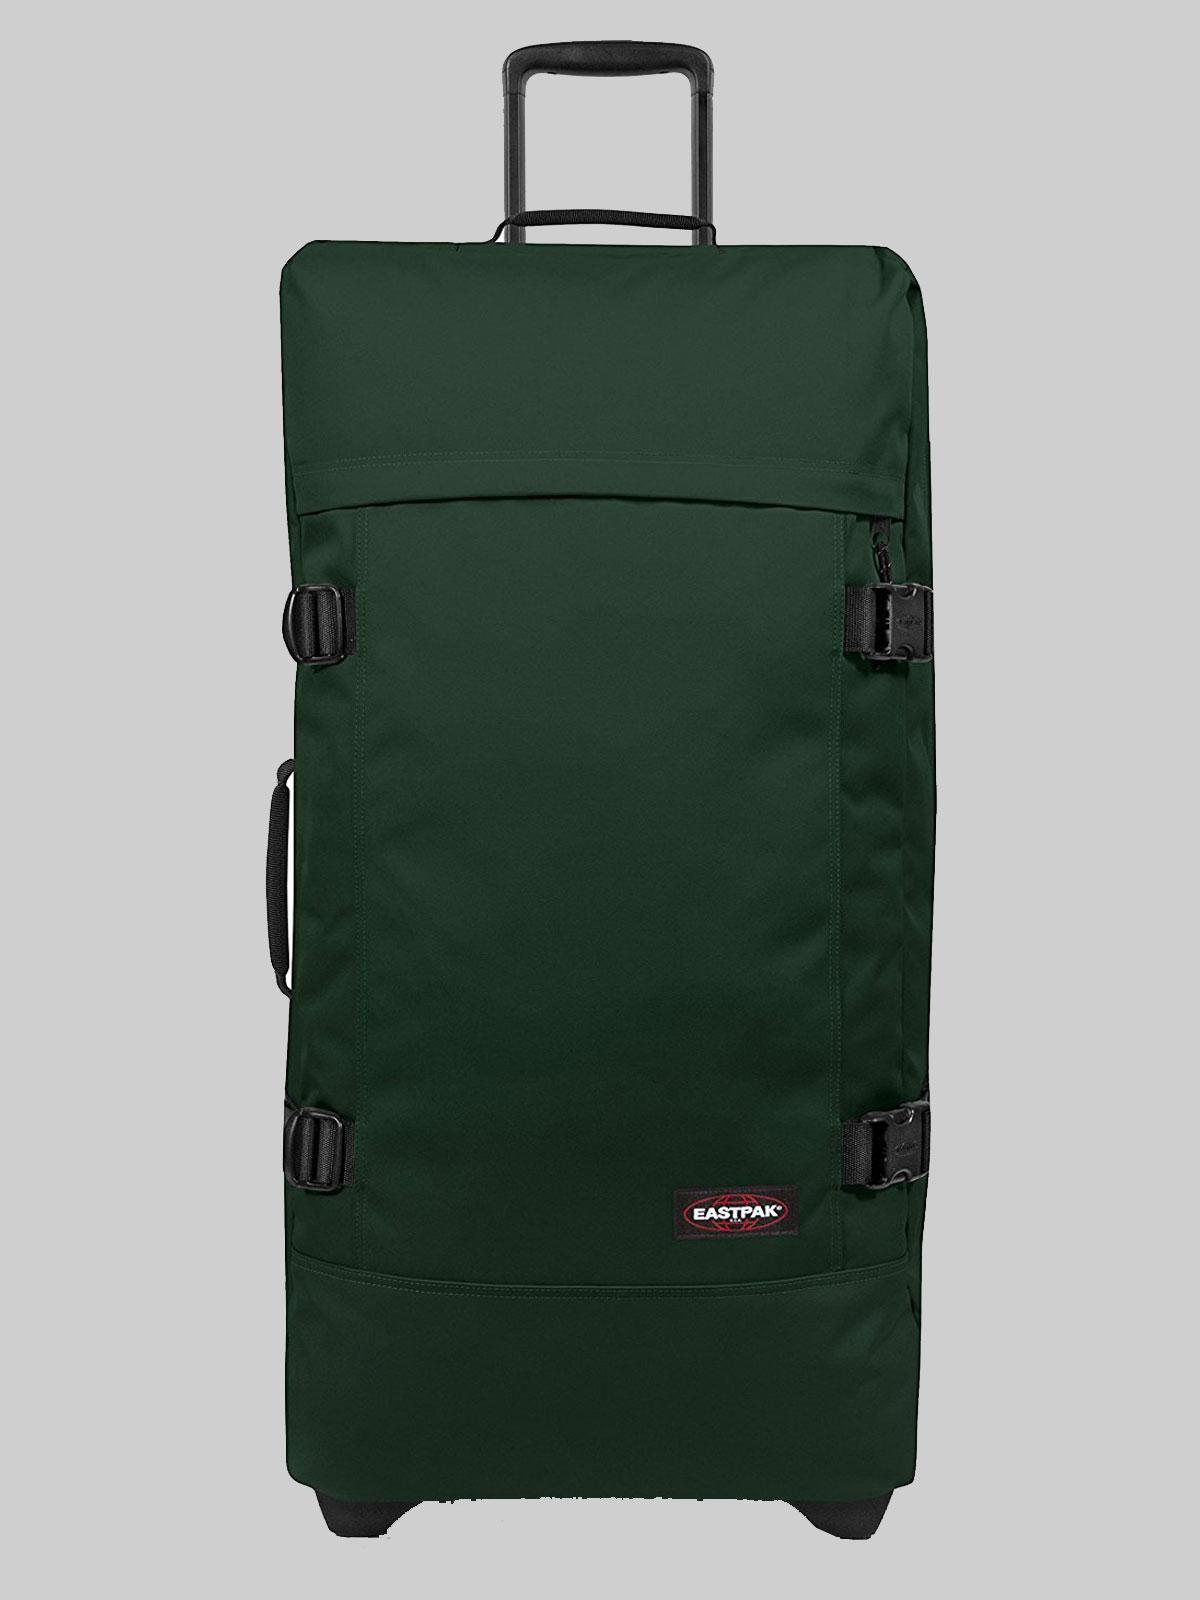 eastpak trolley koffer tranverz l k63f optical green 121l. Black Bedroom Furniture Sets. Home Design Ideas